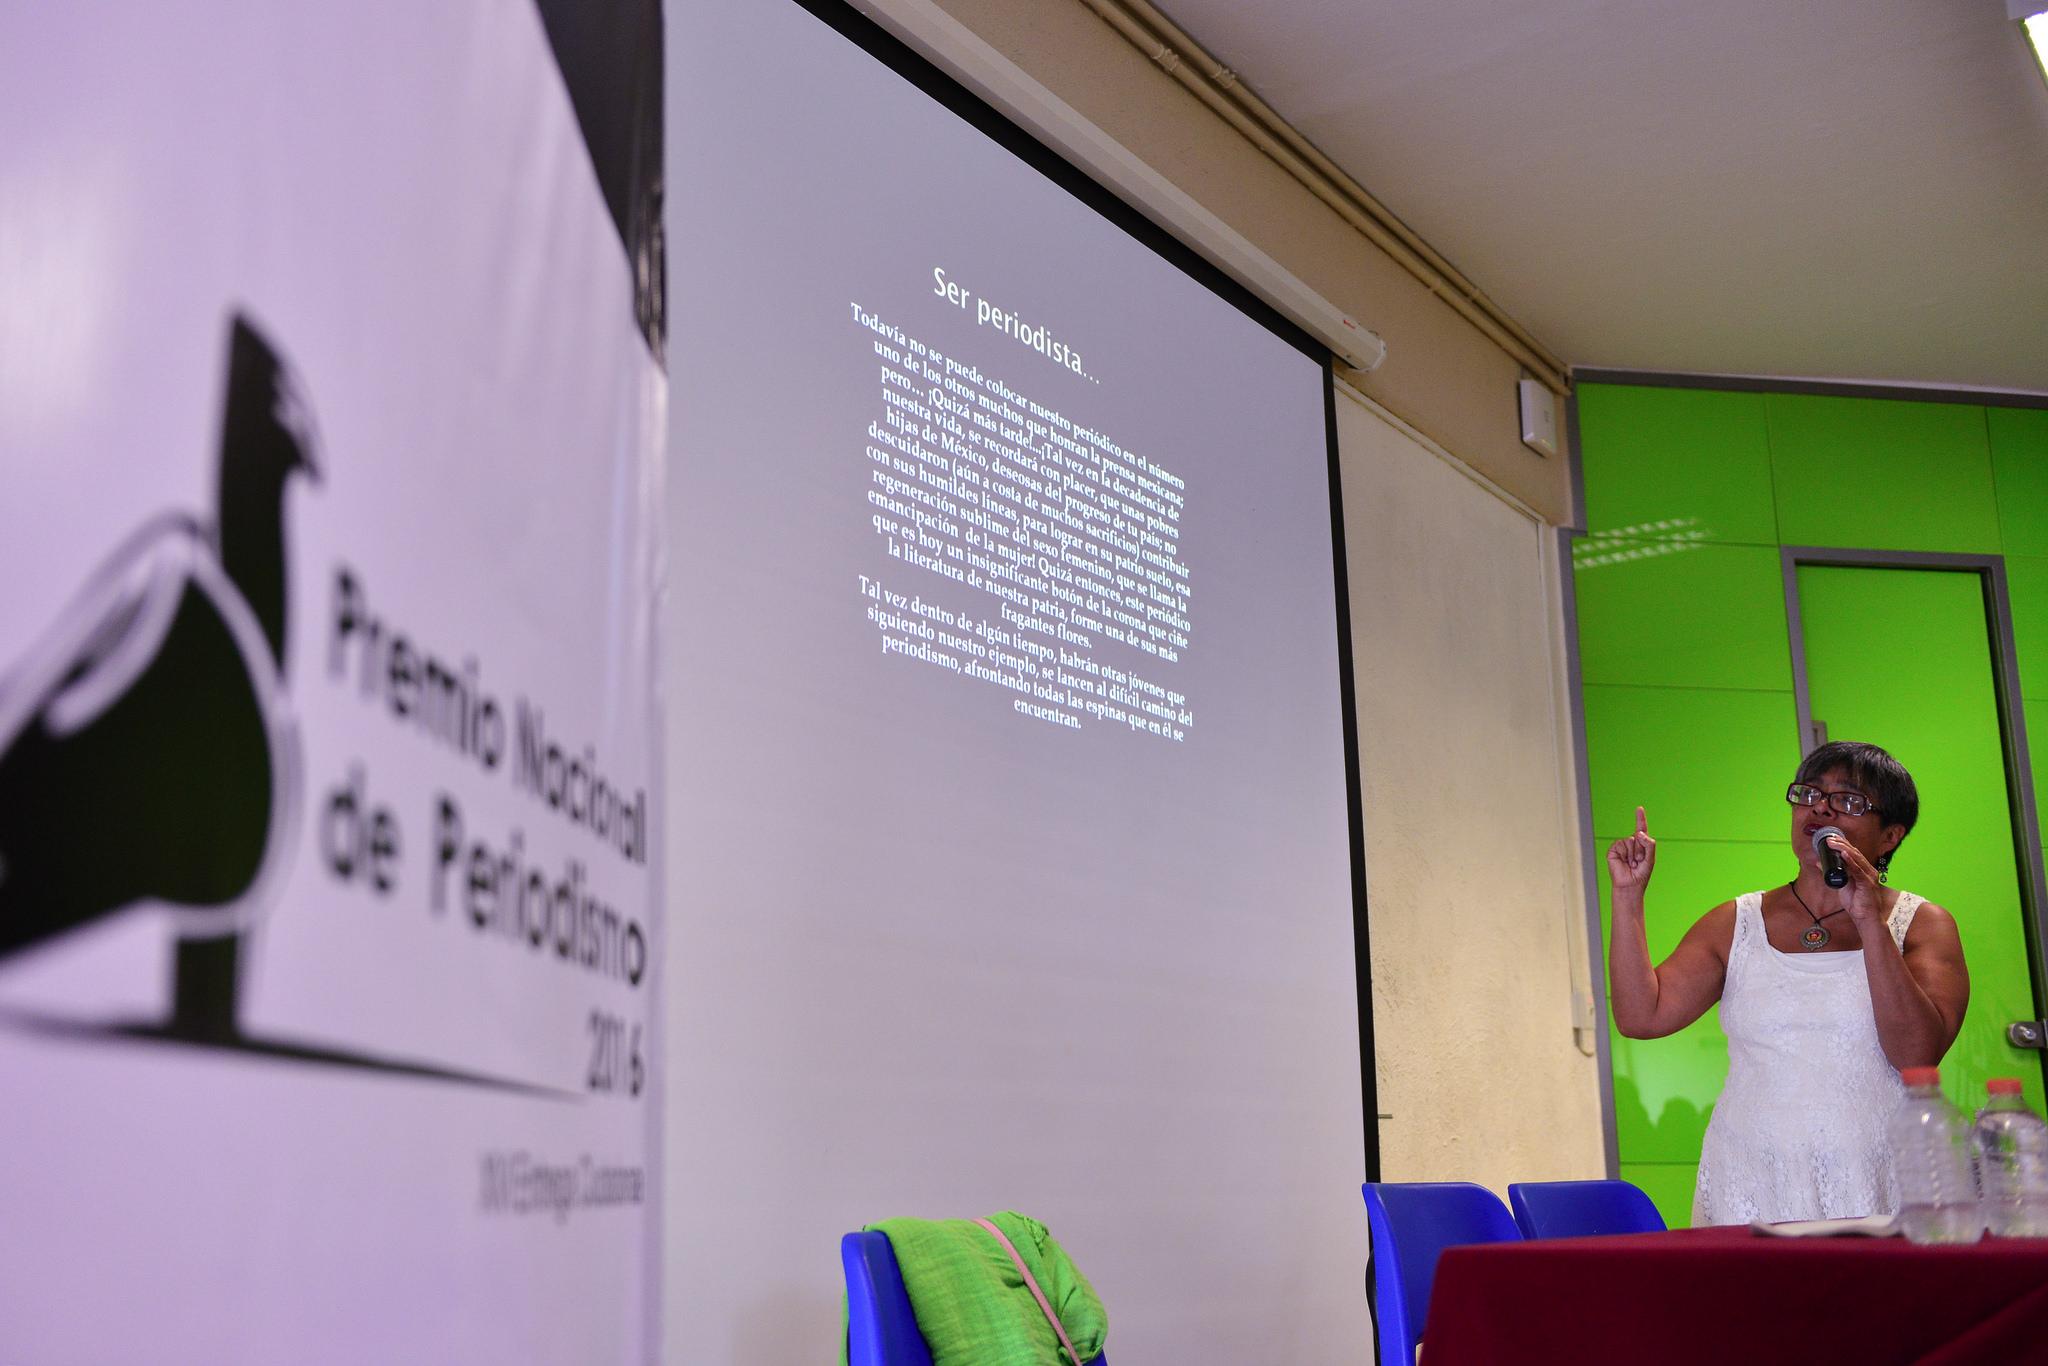 Doctora Elvira Hernandez Carballido, profesora investigadora en la Universidad Autónoma del Estado de Hidalgo, y académica de la UNAM; dando una reseña de la presencia de las mujeres de México en el periodismo.